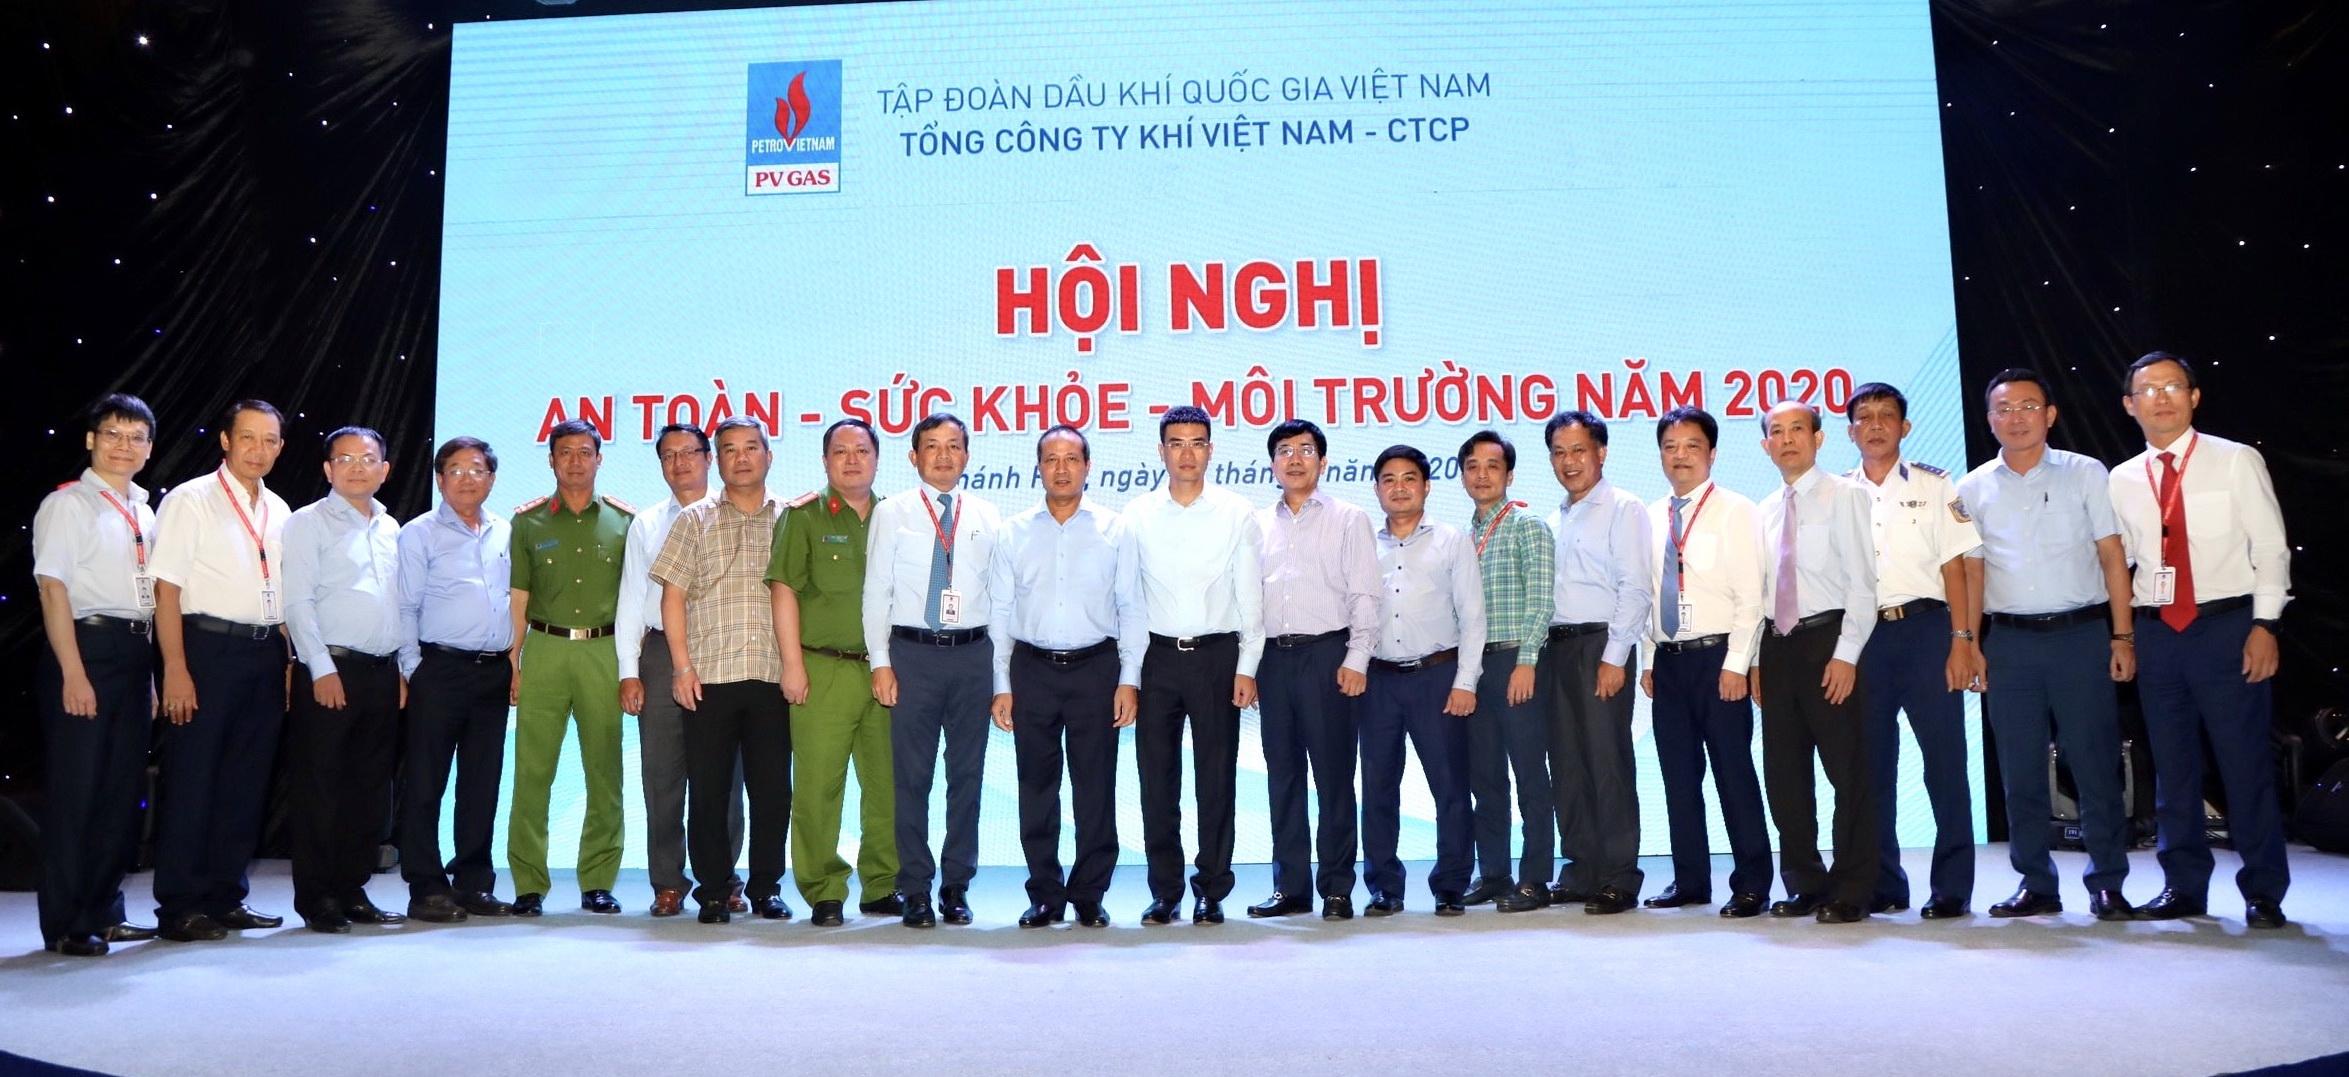 Các đại biểu chúc mừng thành công Hội nghị